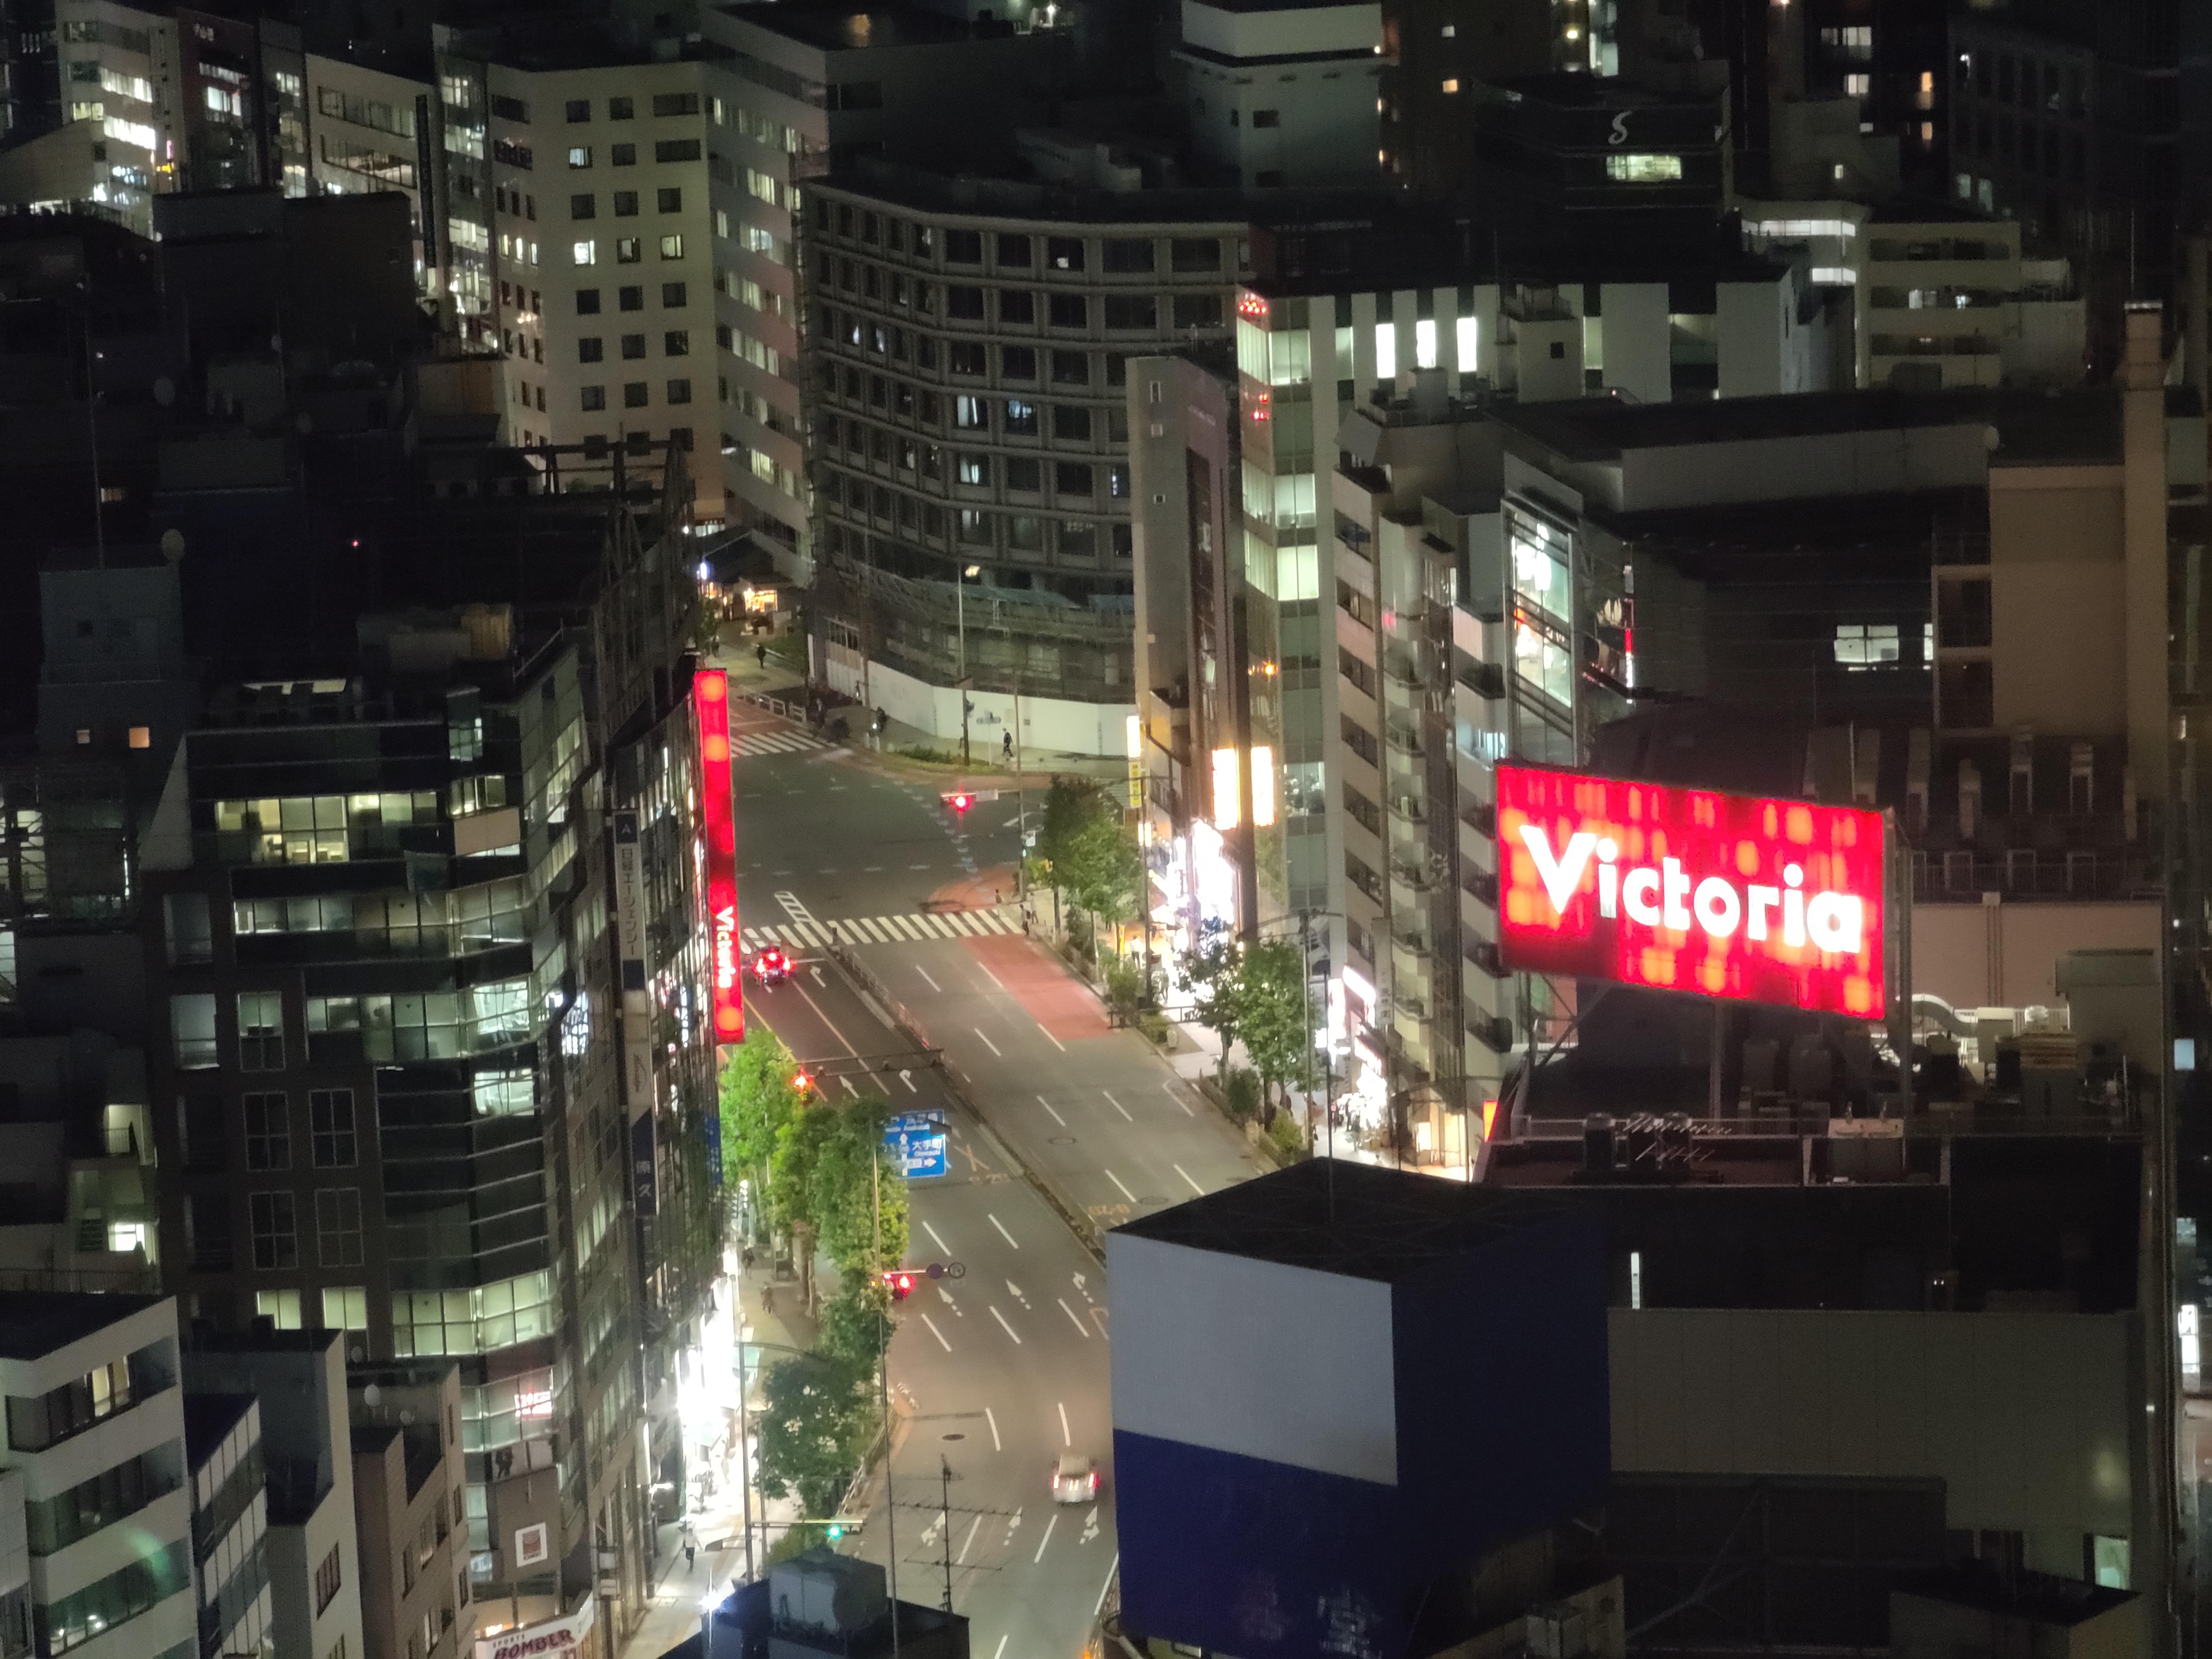 画像右下の赤丸は、カメラからの発光が窓に反射したことによって映っている